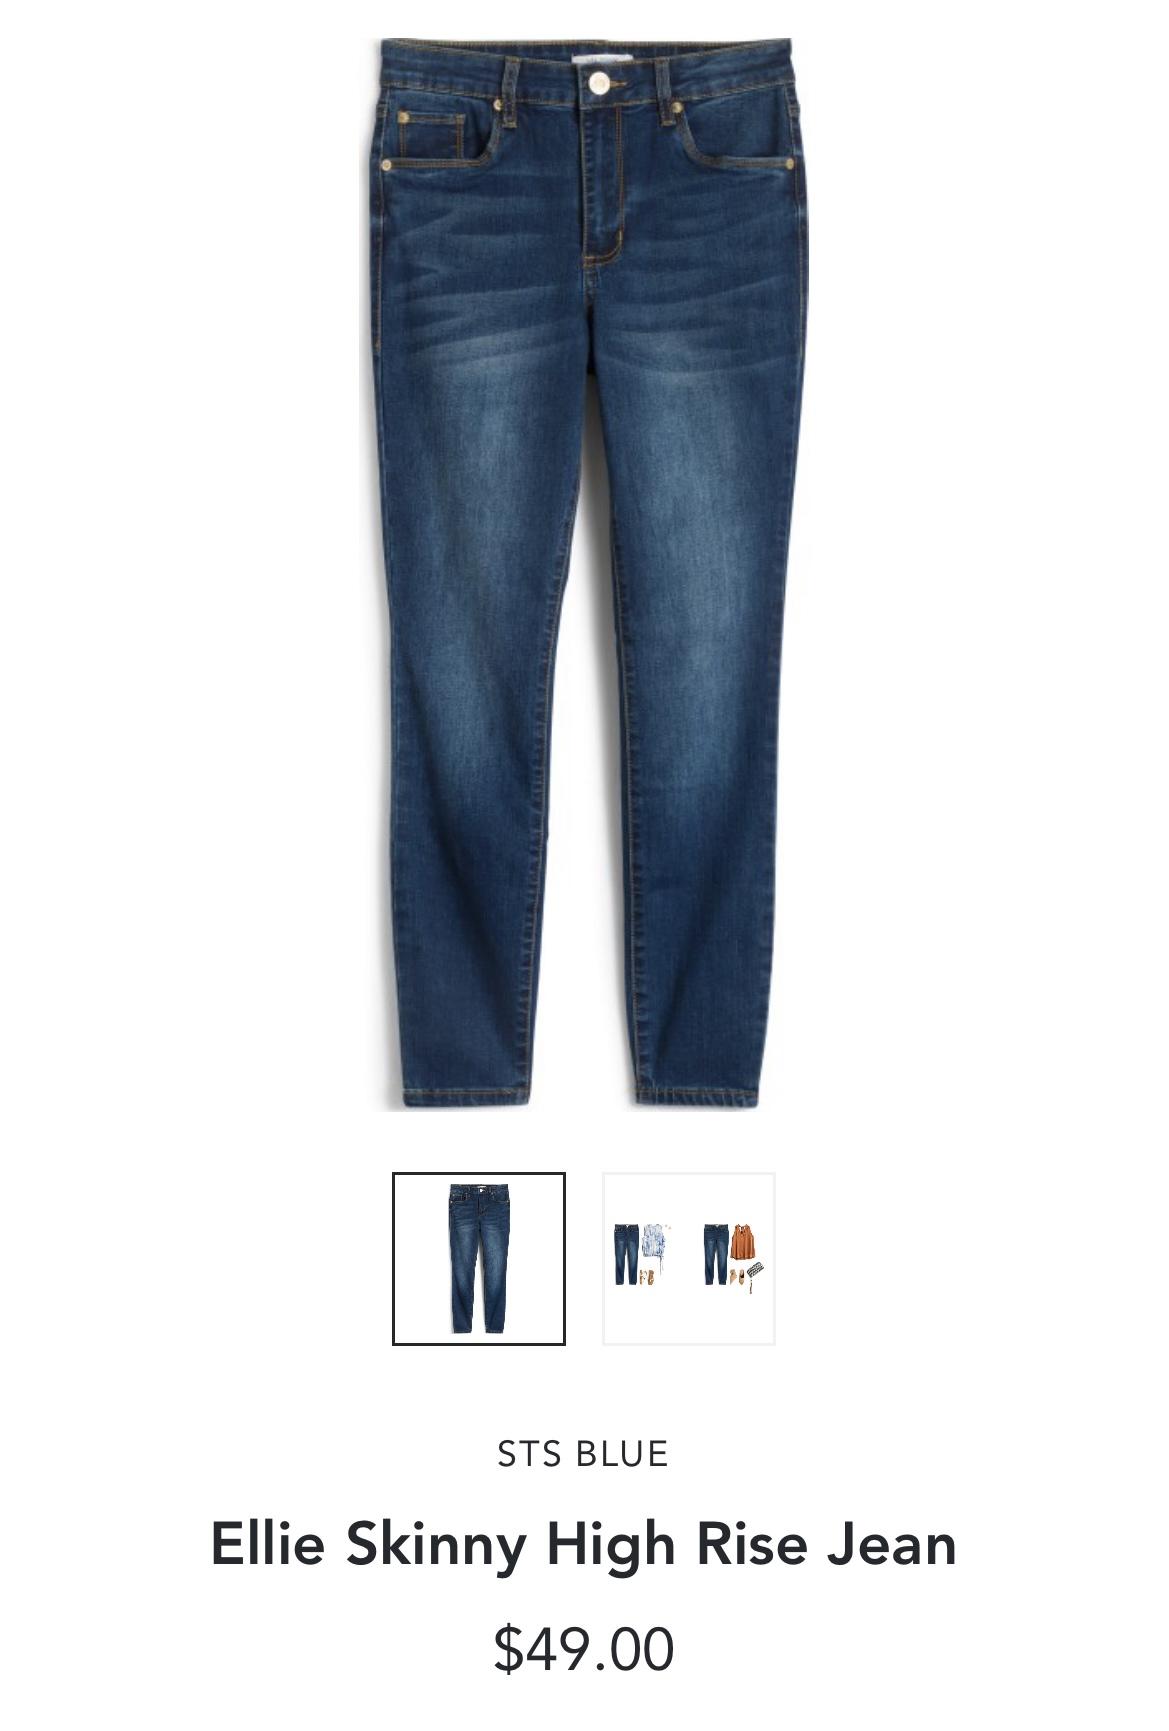 Stitch Fix STS Blue Ellie Skinny High Rise Jean